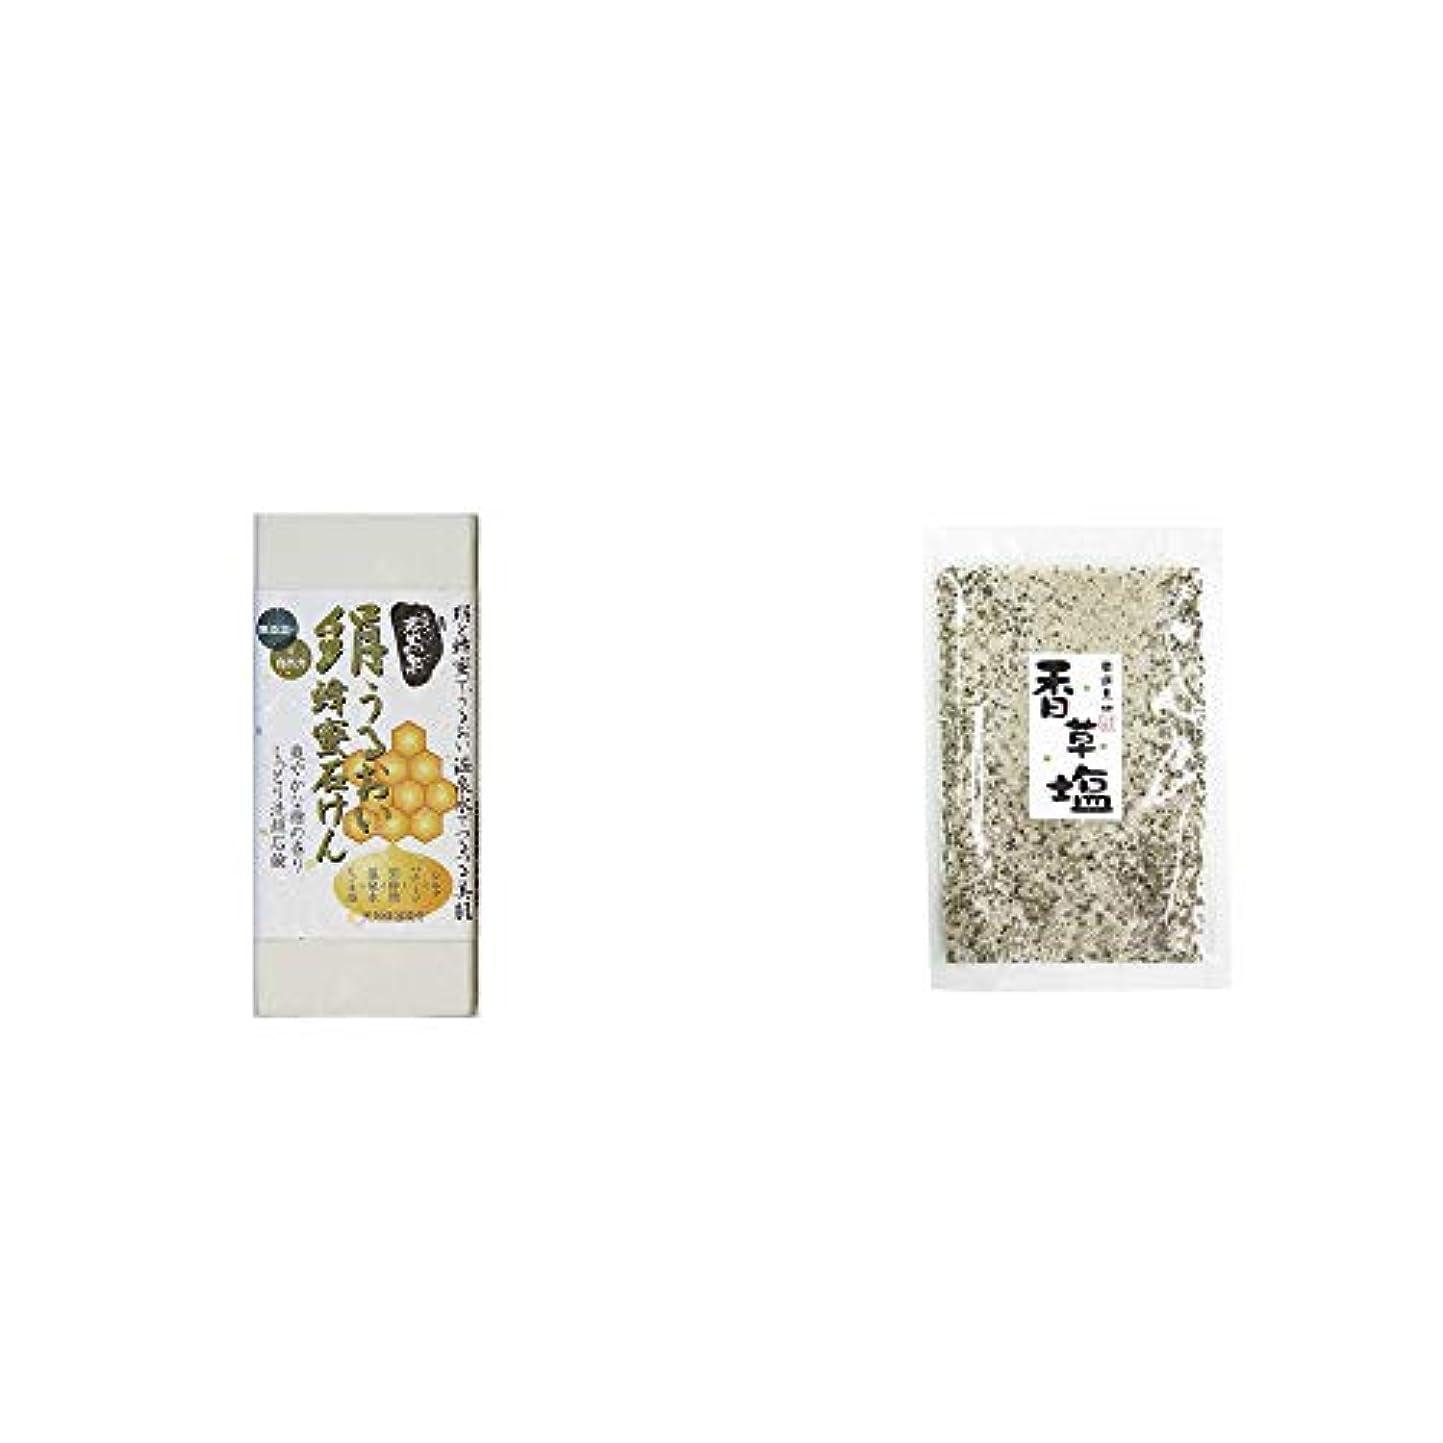 道を作る徴収涙が出る[2点セット] ひのき炭黒泉 絹うるおい蜂蜜石けん(75g×2)?香草塩 [袋タイプ](100g)